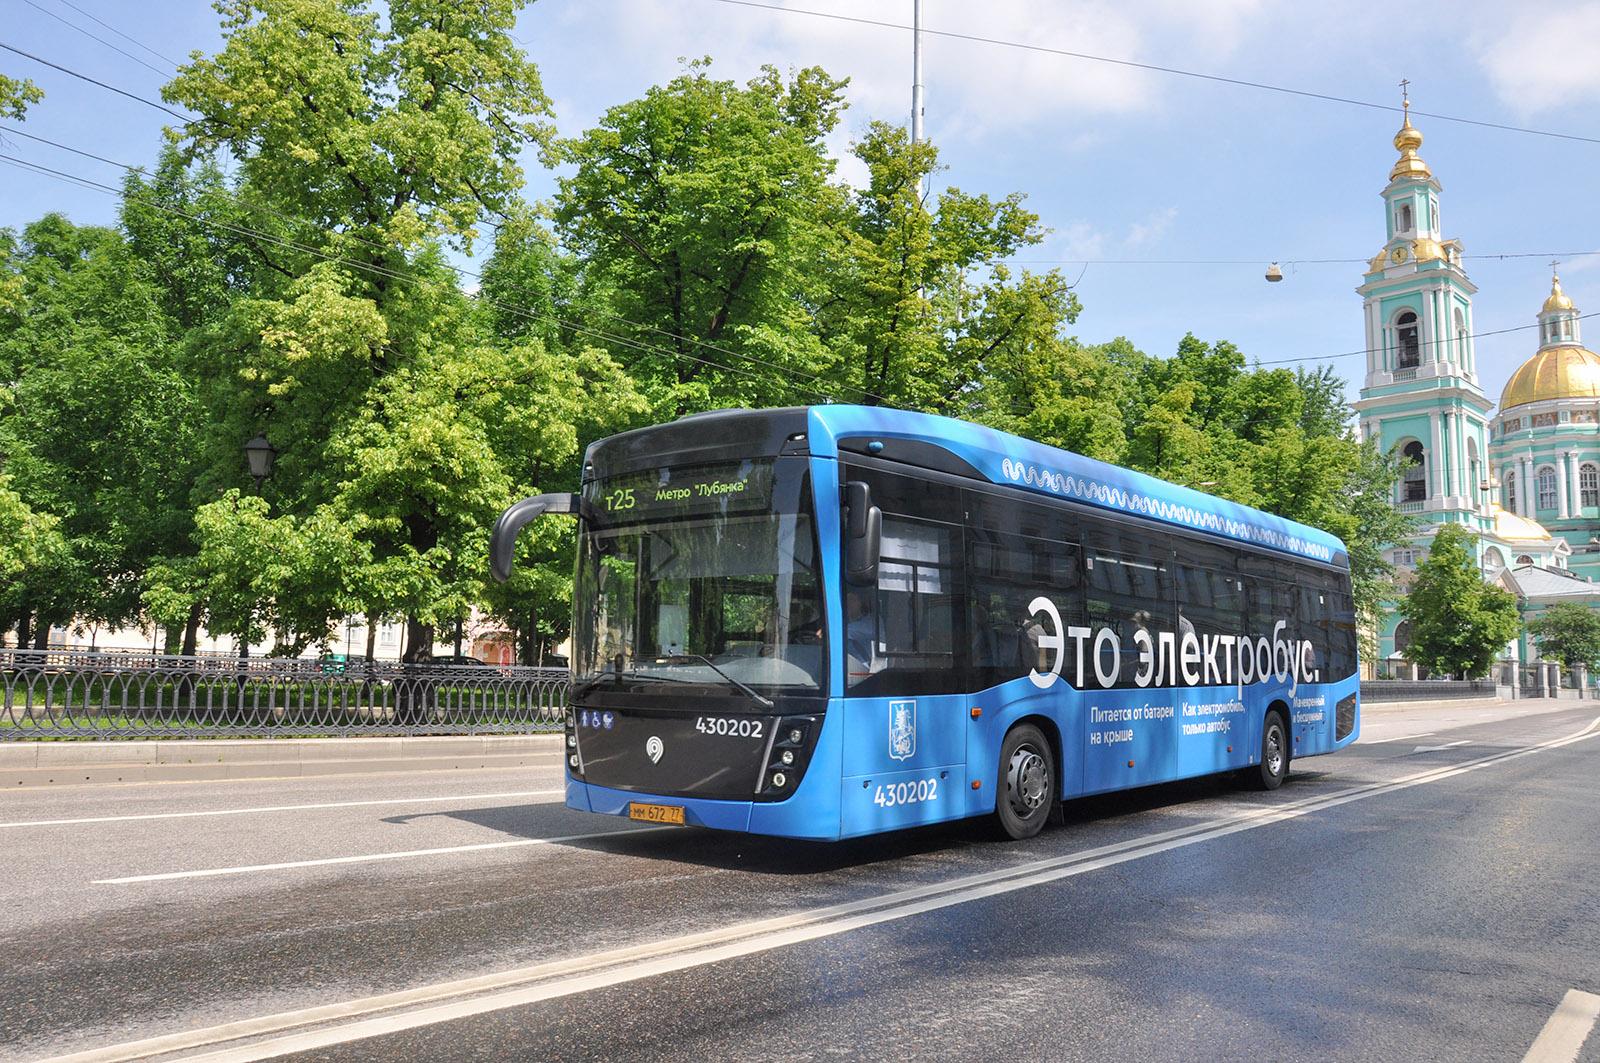 Сергей Собянин: Парк электробусов Москвы — самый большой в Европе